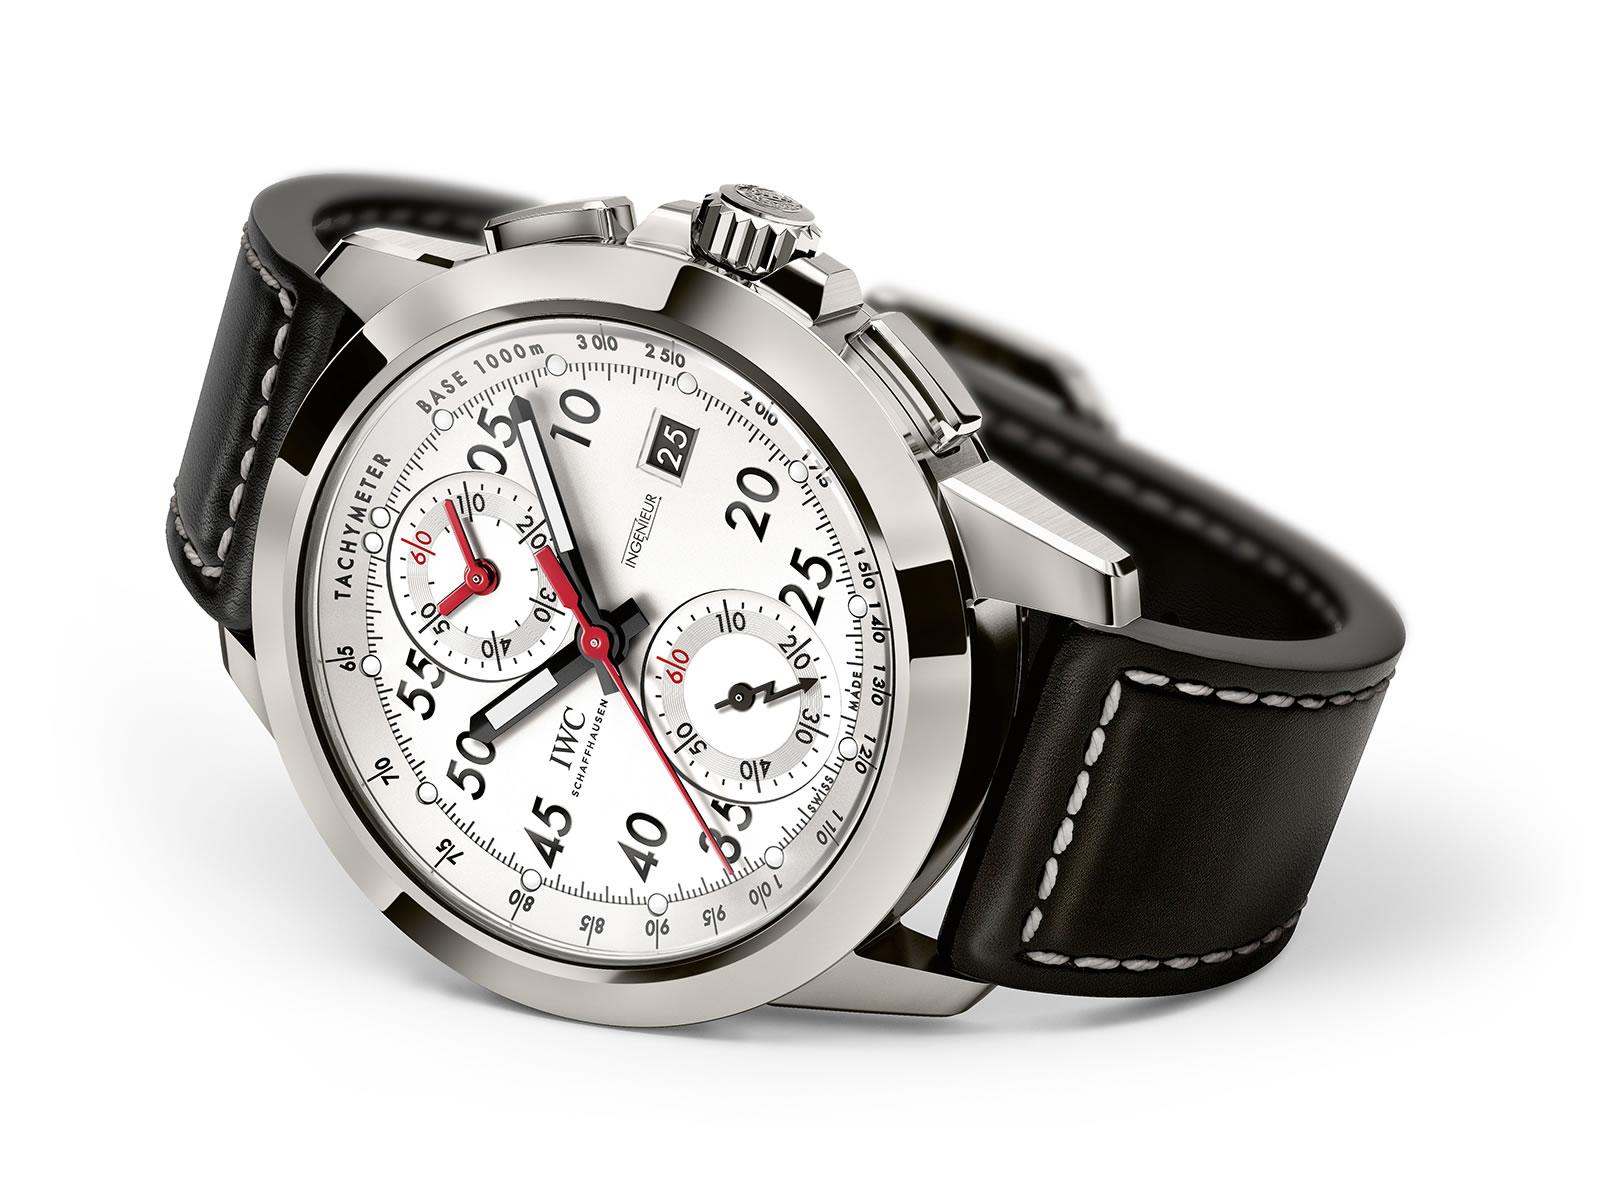 iw380902-iwc-ingenieur-chronograph-sport-edition-1-.jpg